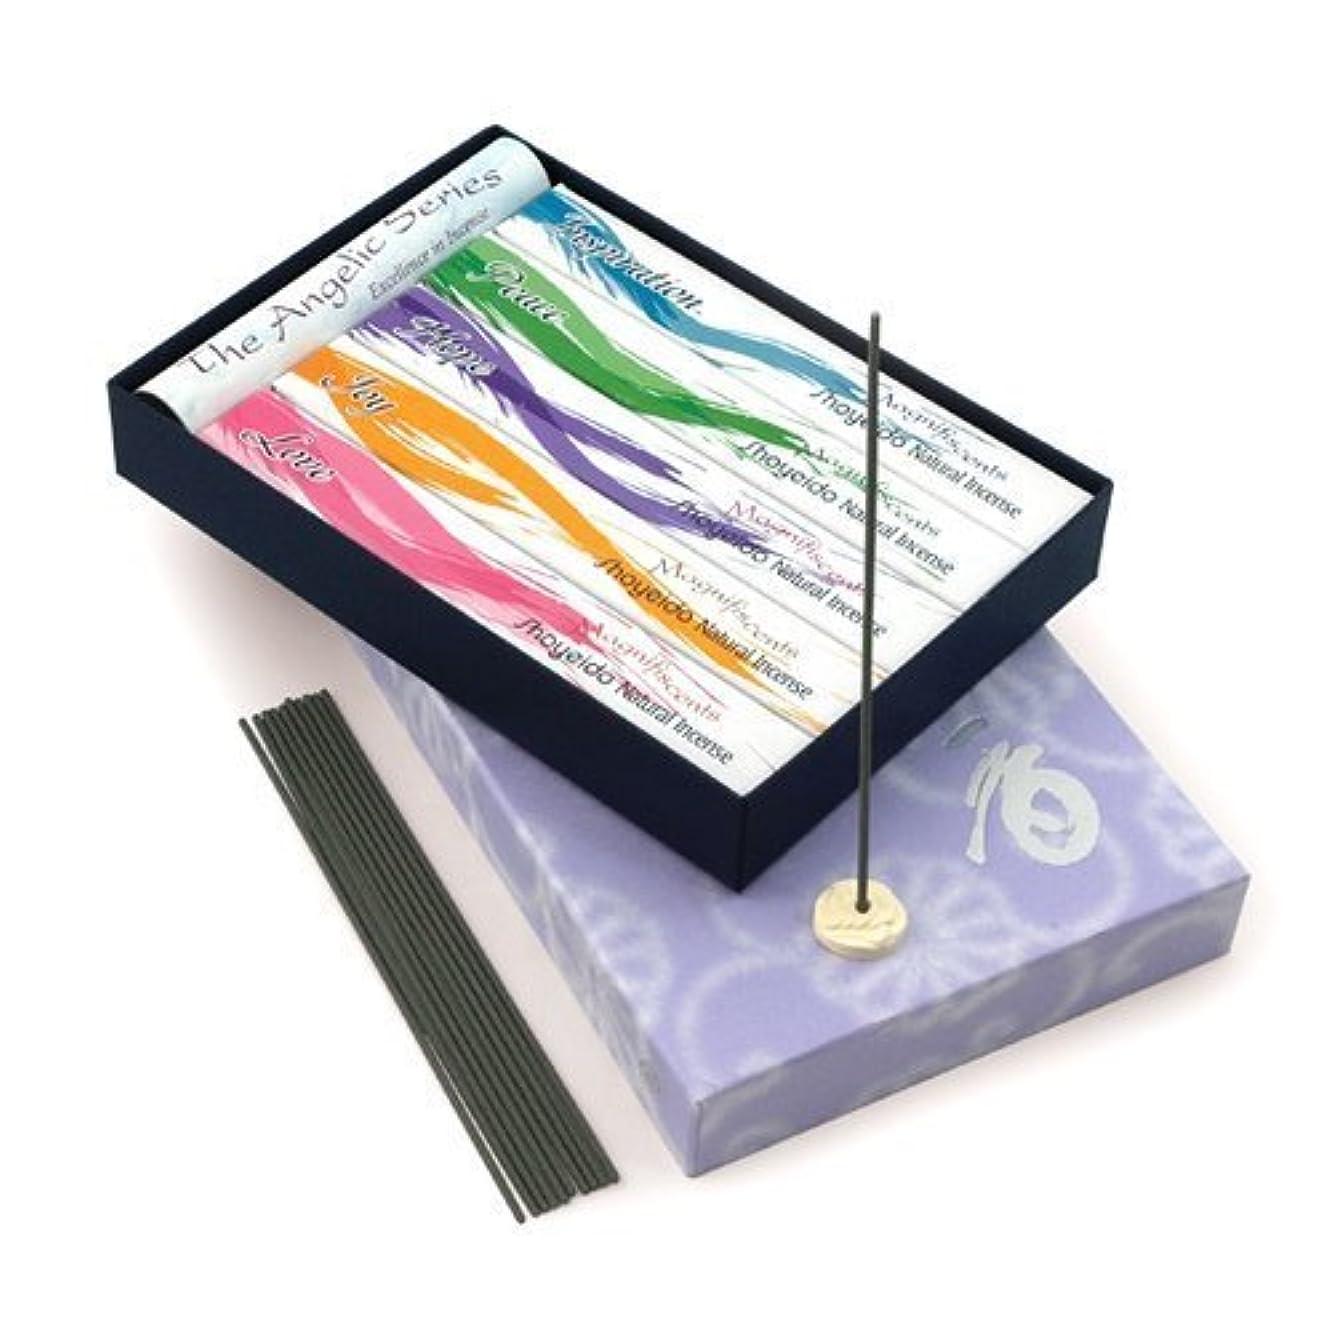 遺棄されたハンカチ南アメリカShoyeido's Angelic Incense 5-Bundle Gift Set by SHOYEIDO